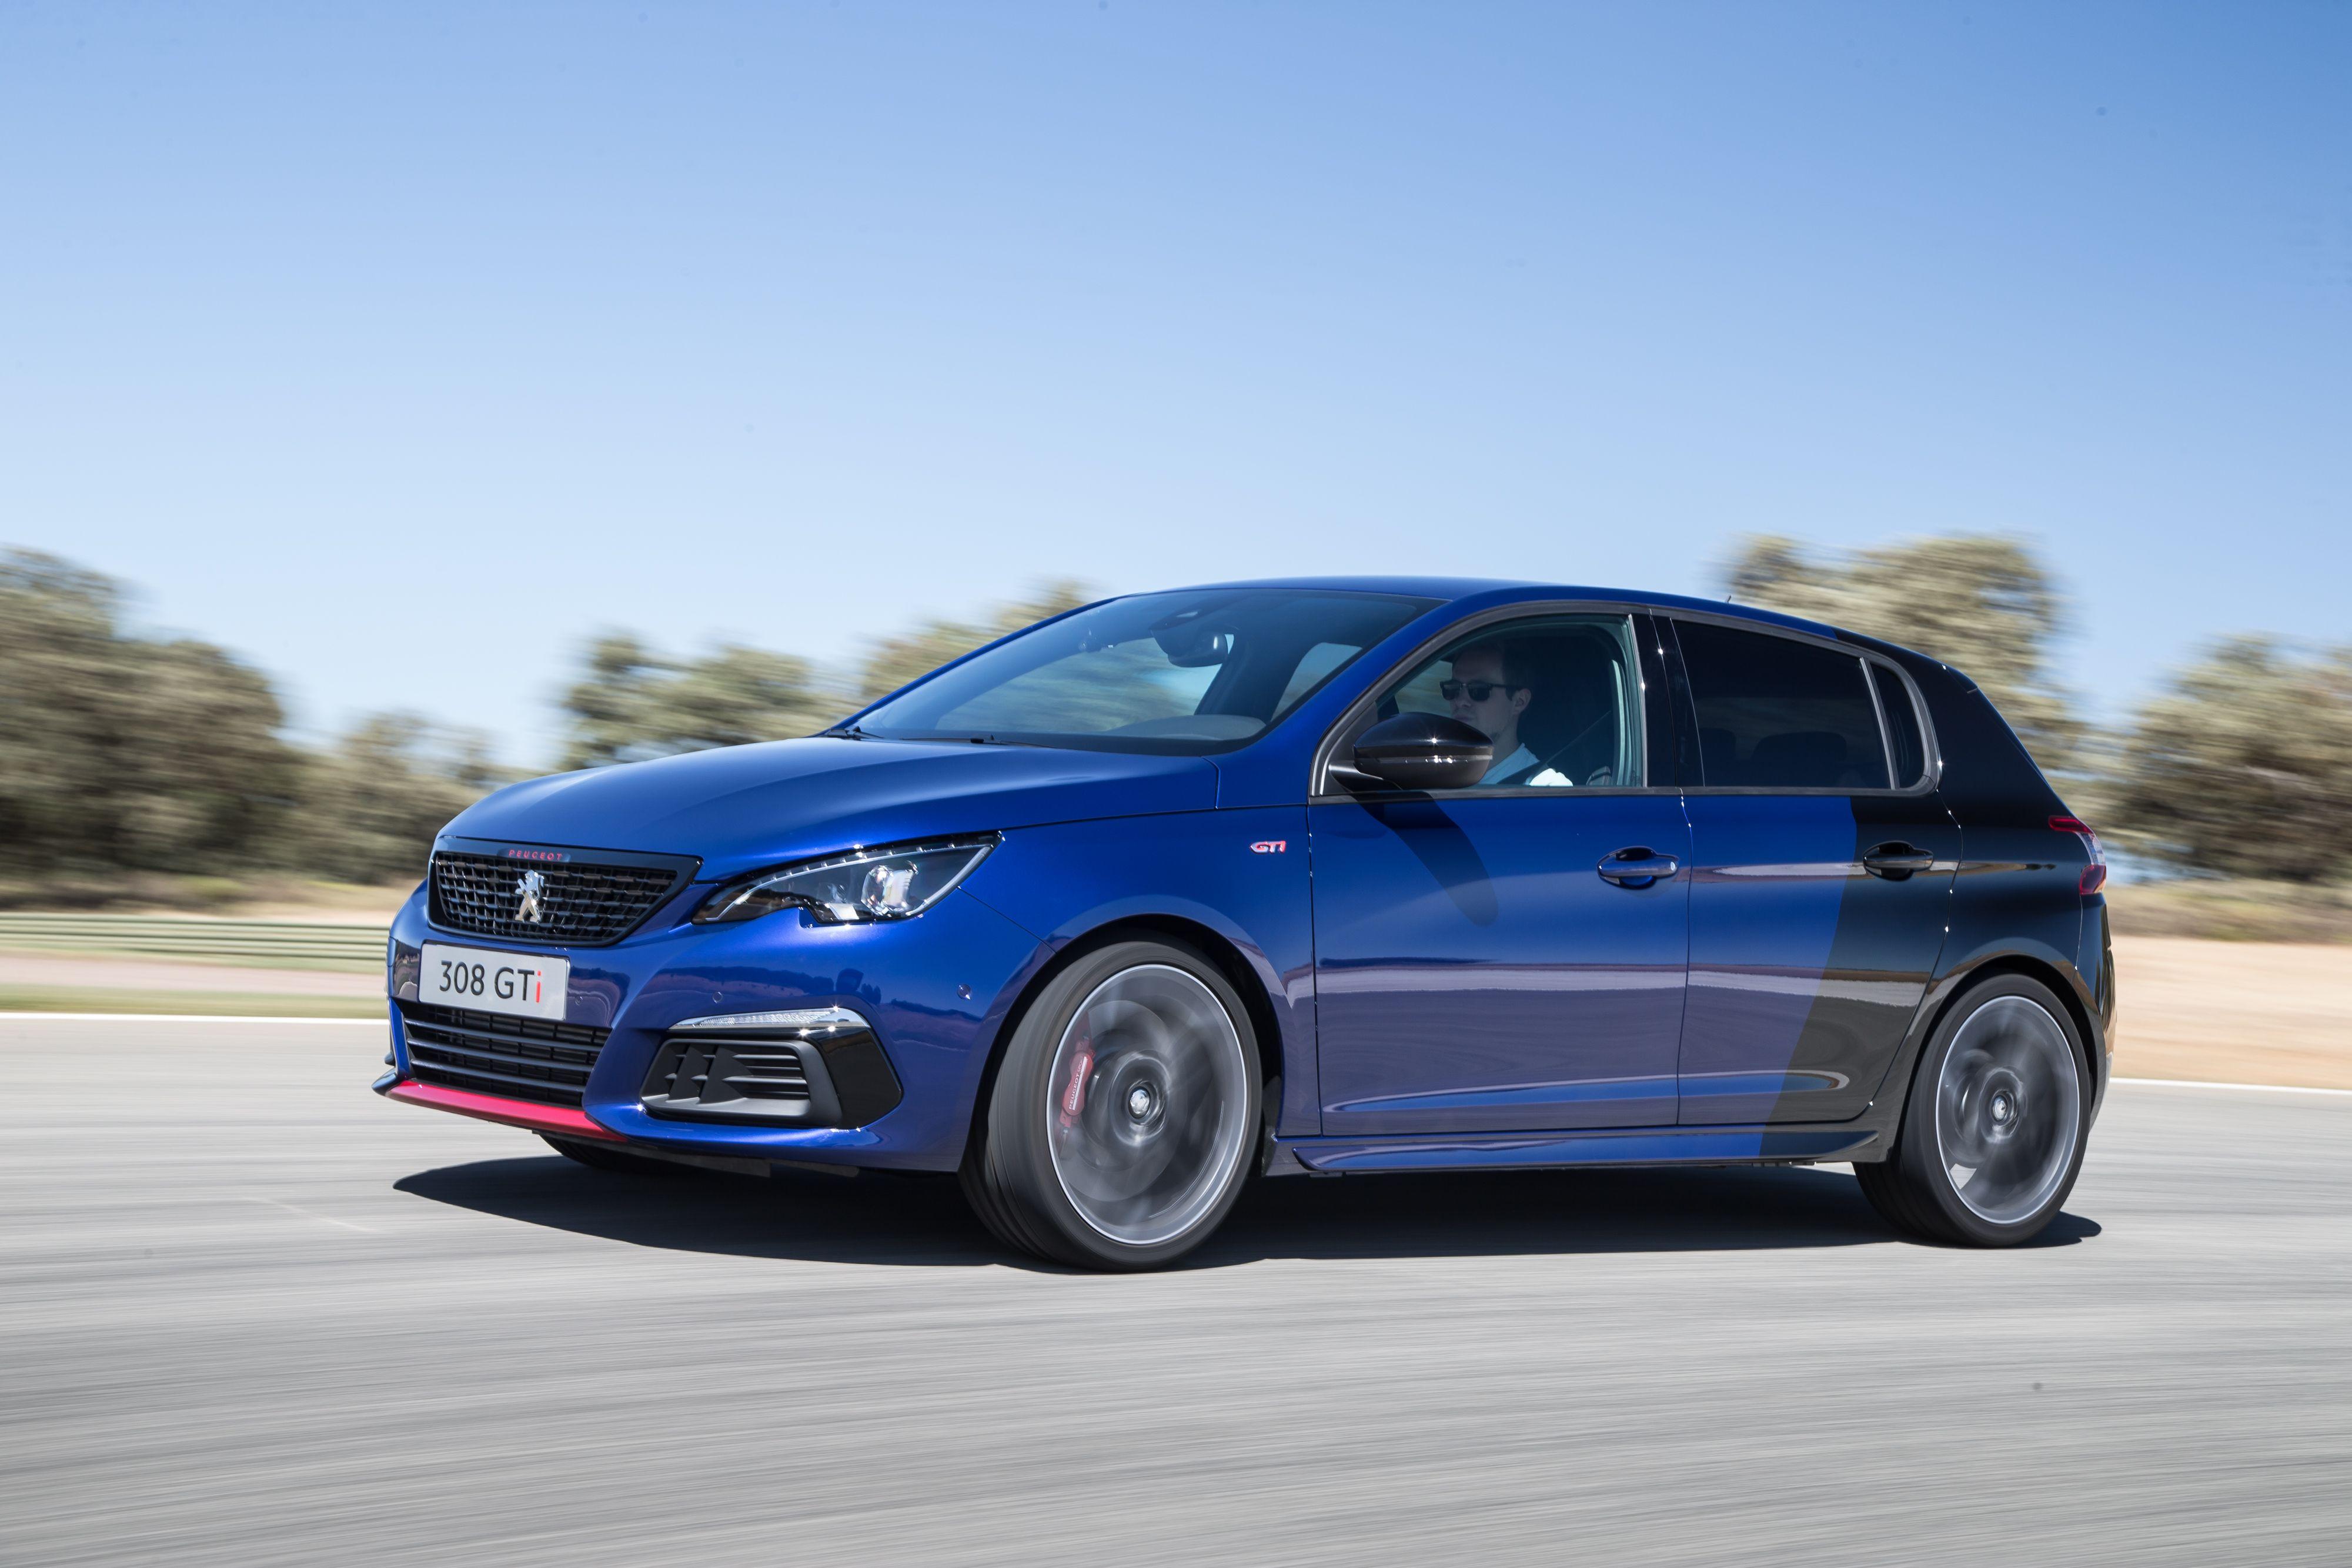 Heeft Peugeot Een Misstap Begaan Door De 308 Gti Vrijwel Ongemoeid